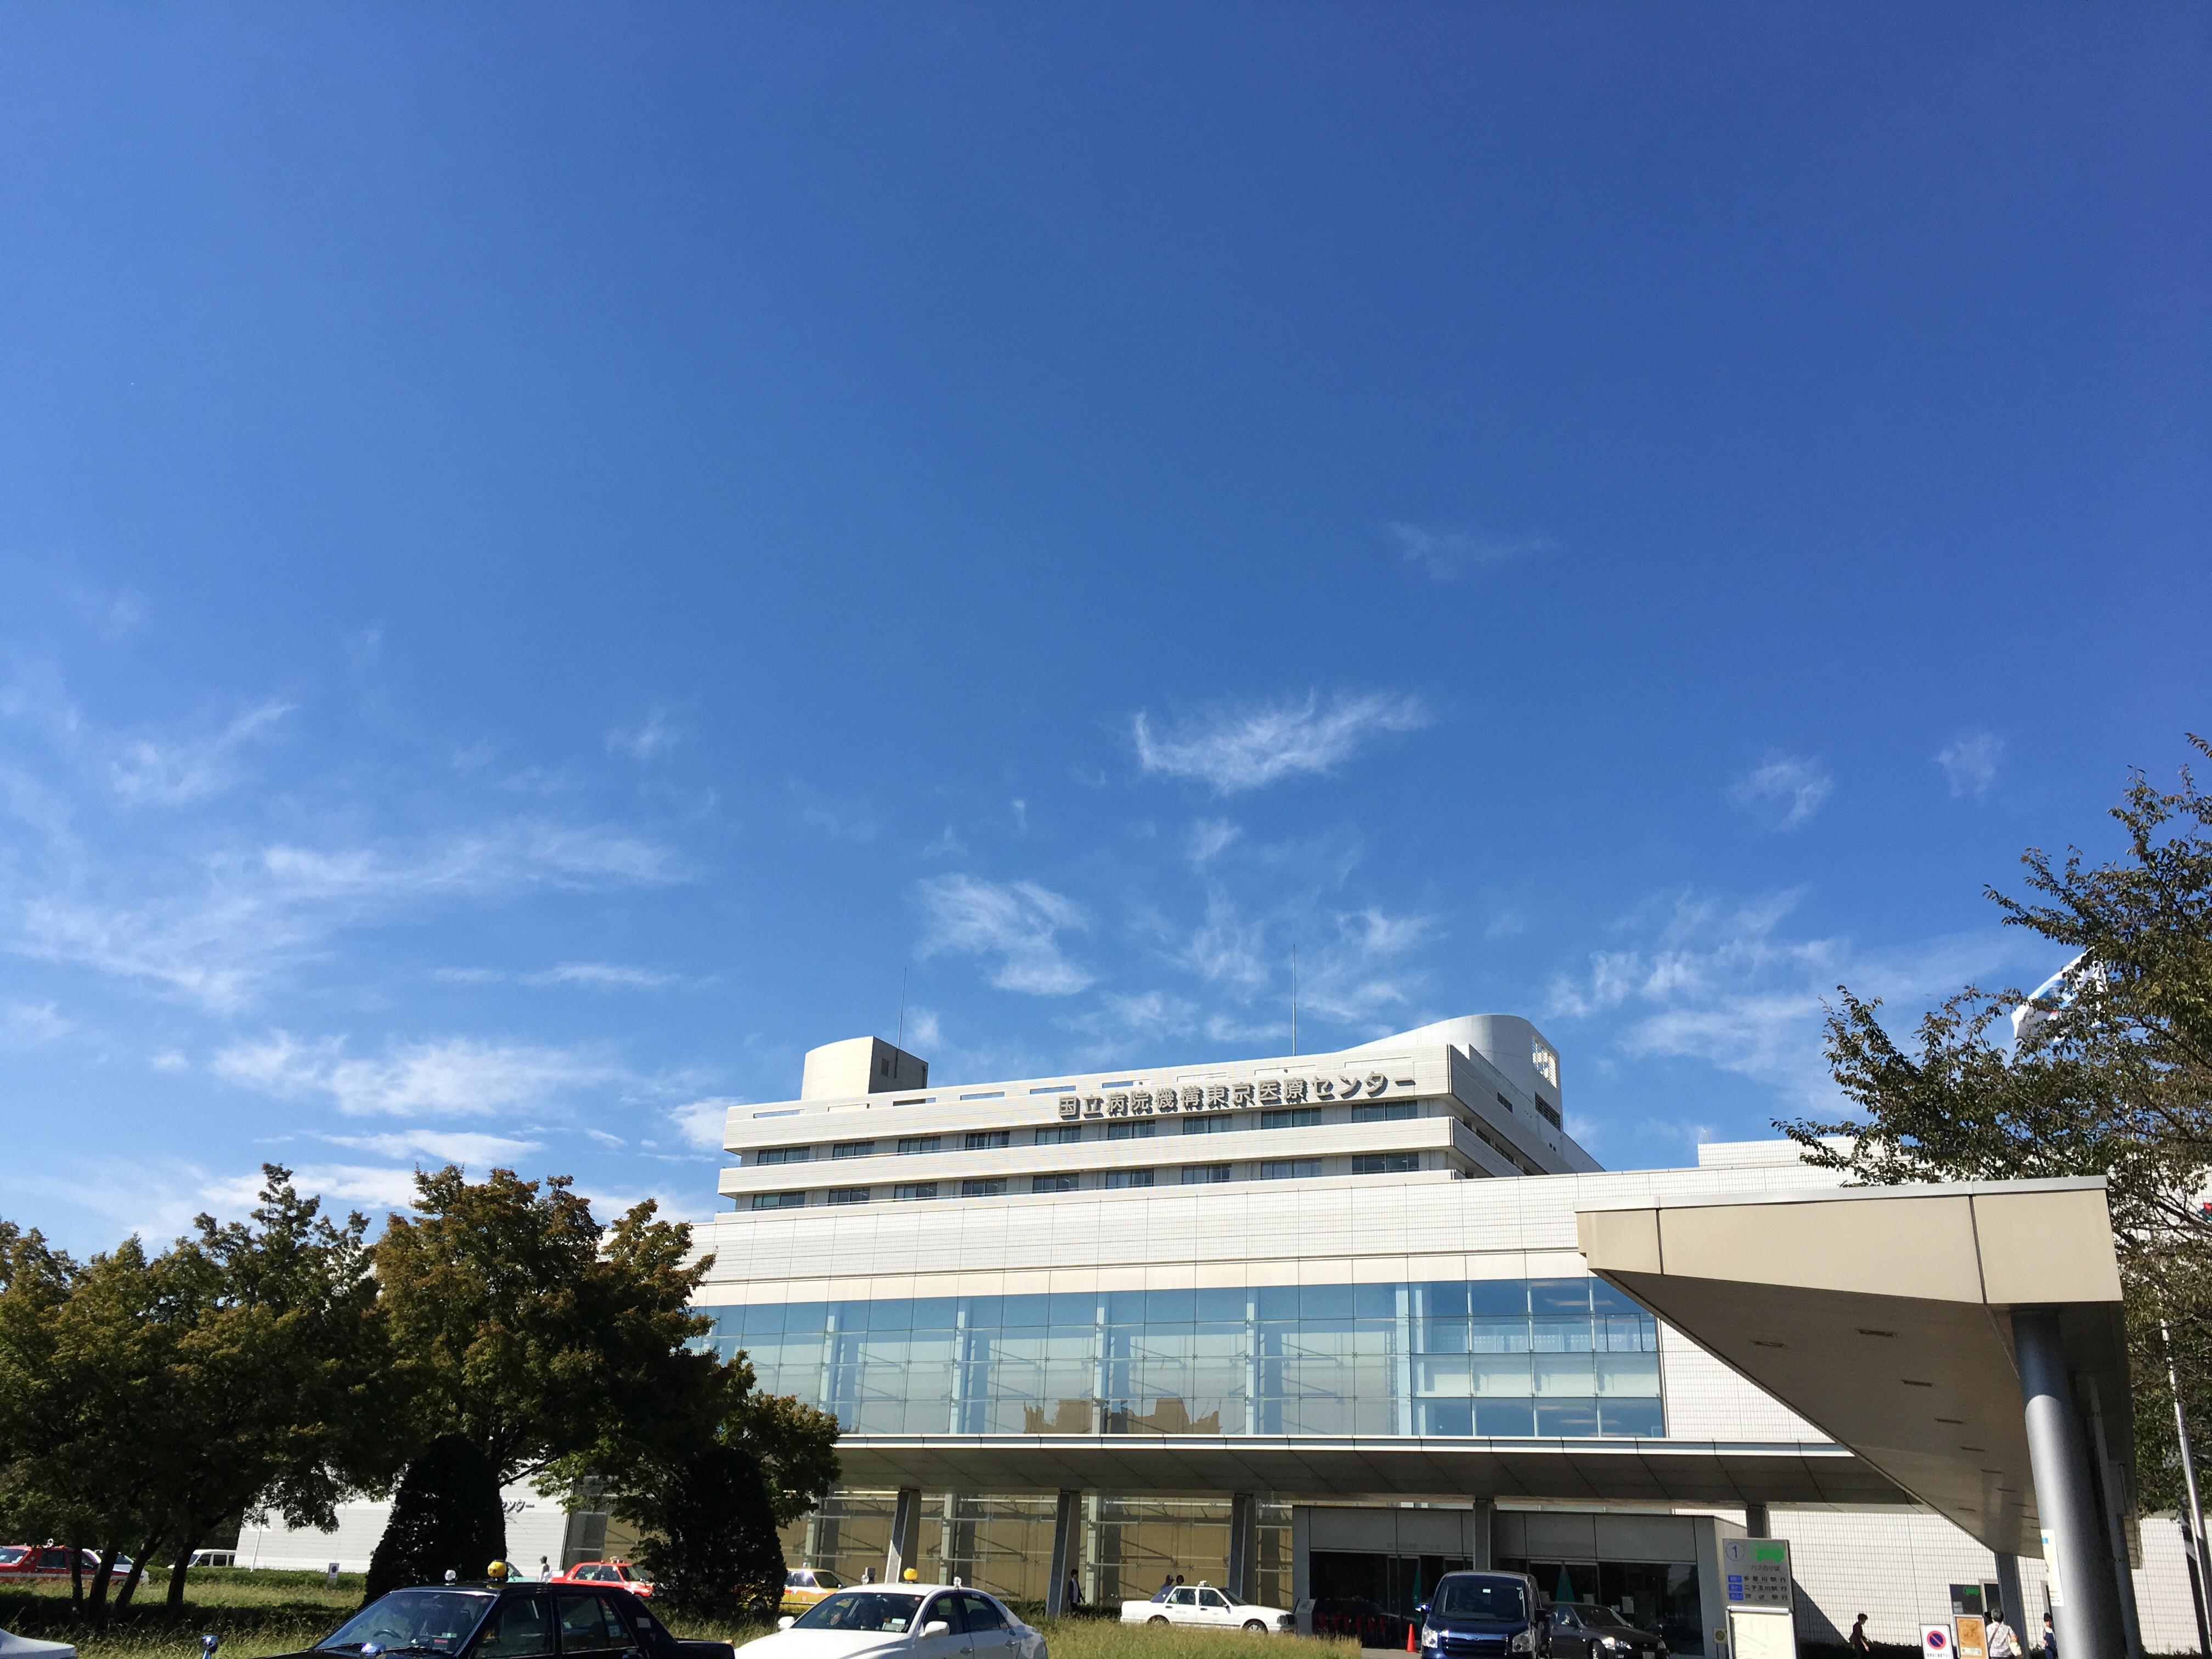 機構 センター 医療 病院 東京 国立 国立病院機構東京医療センター│国立病院機構東京医療センター 初期臨床研修プログラム(一般・小児医療・産科婦人科医療)